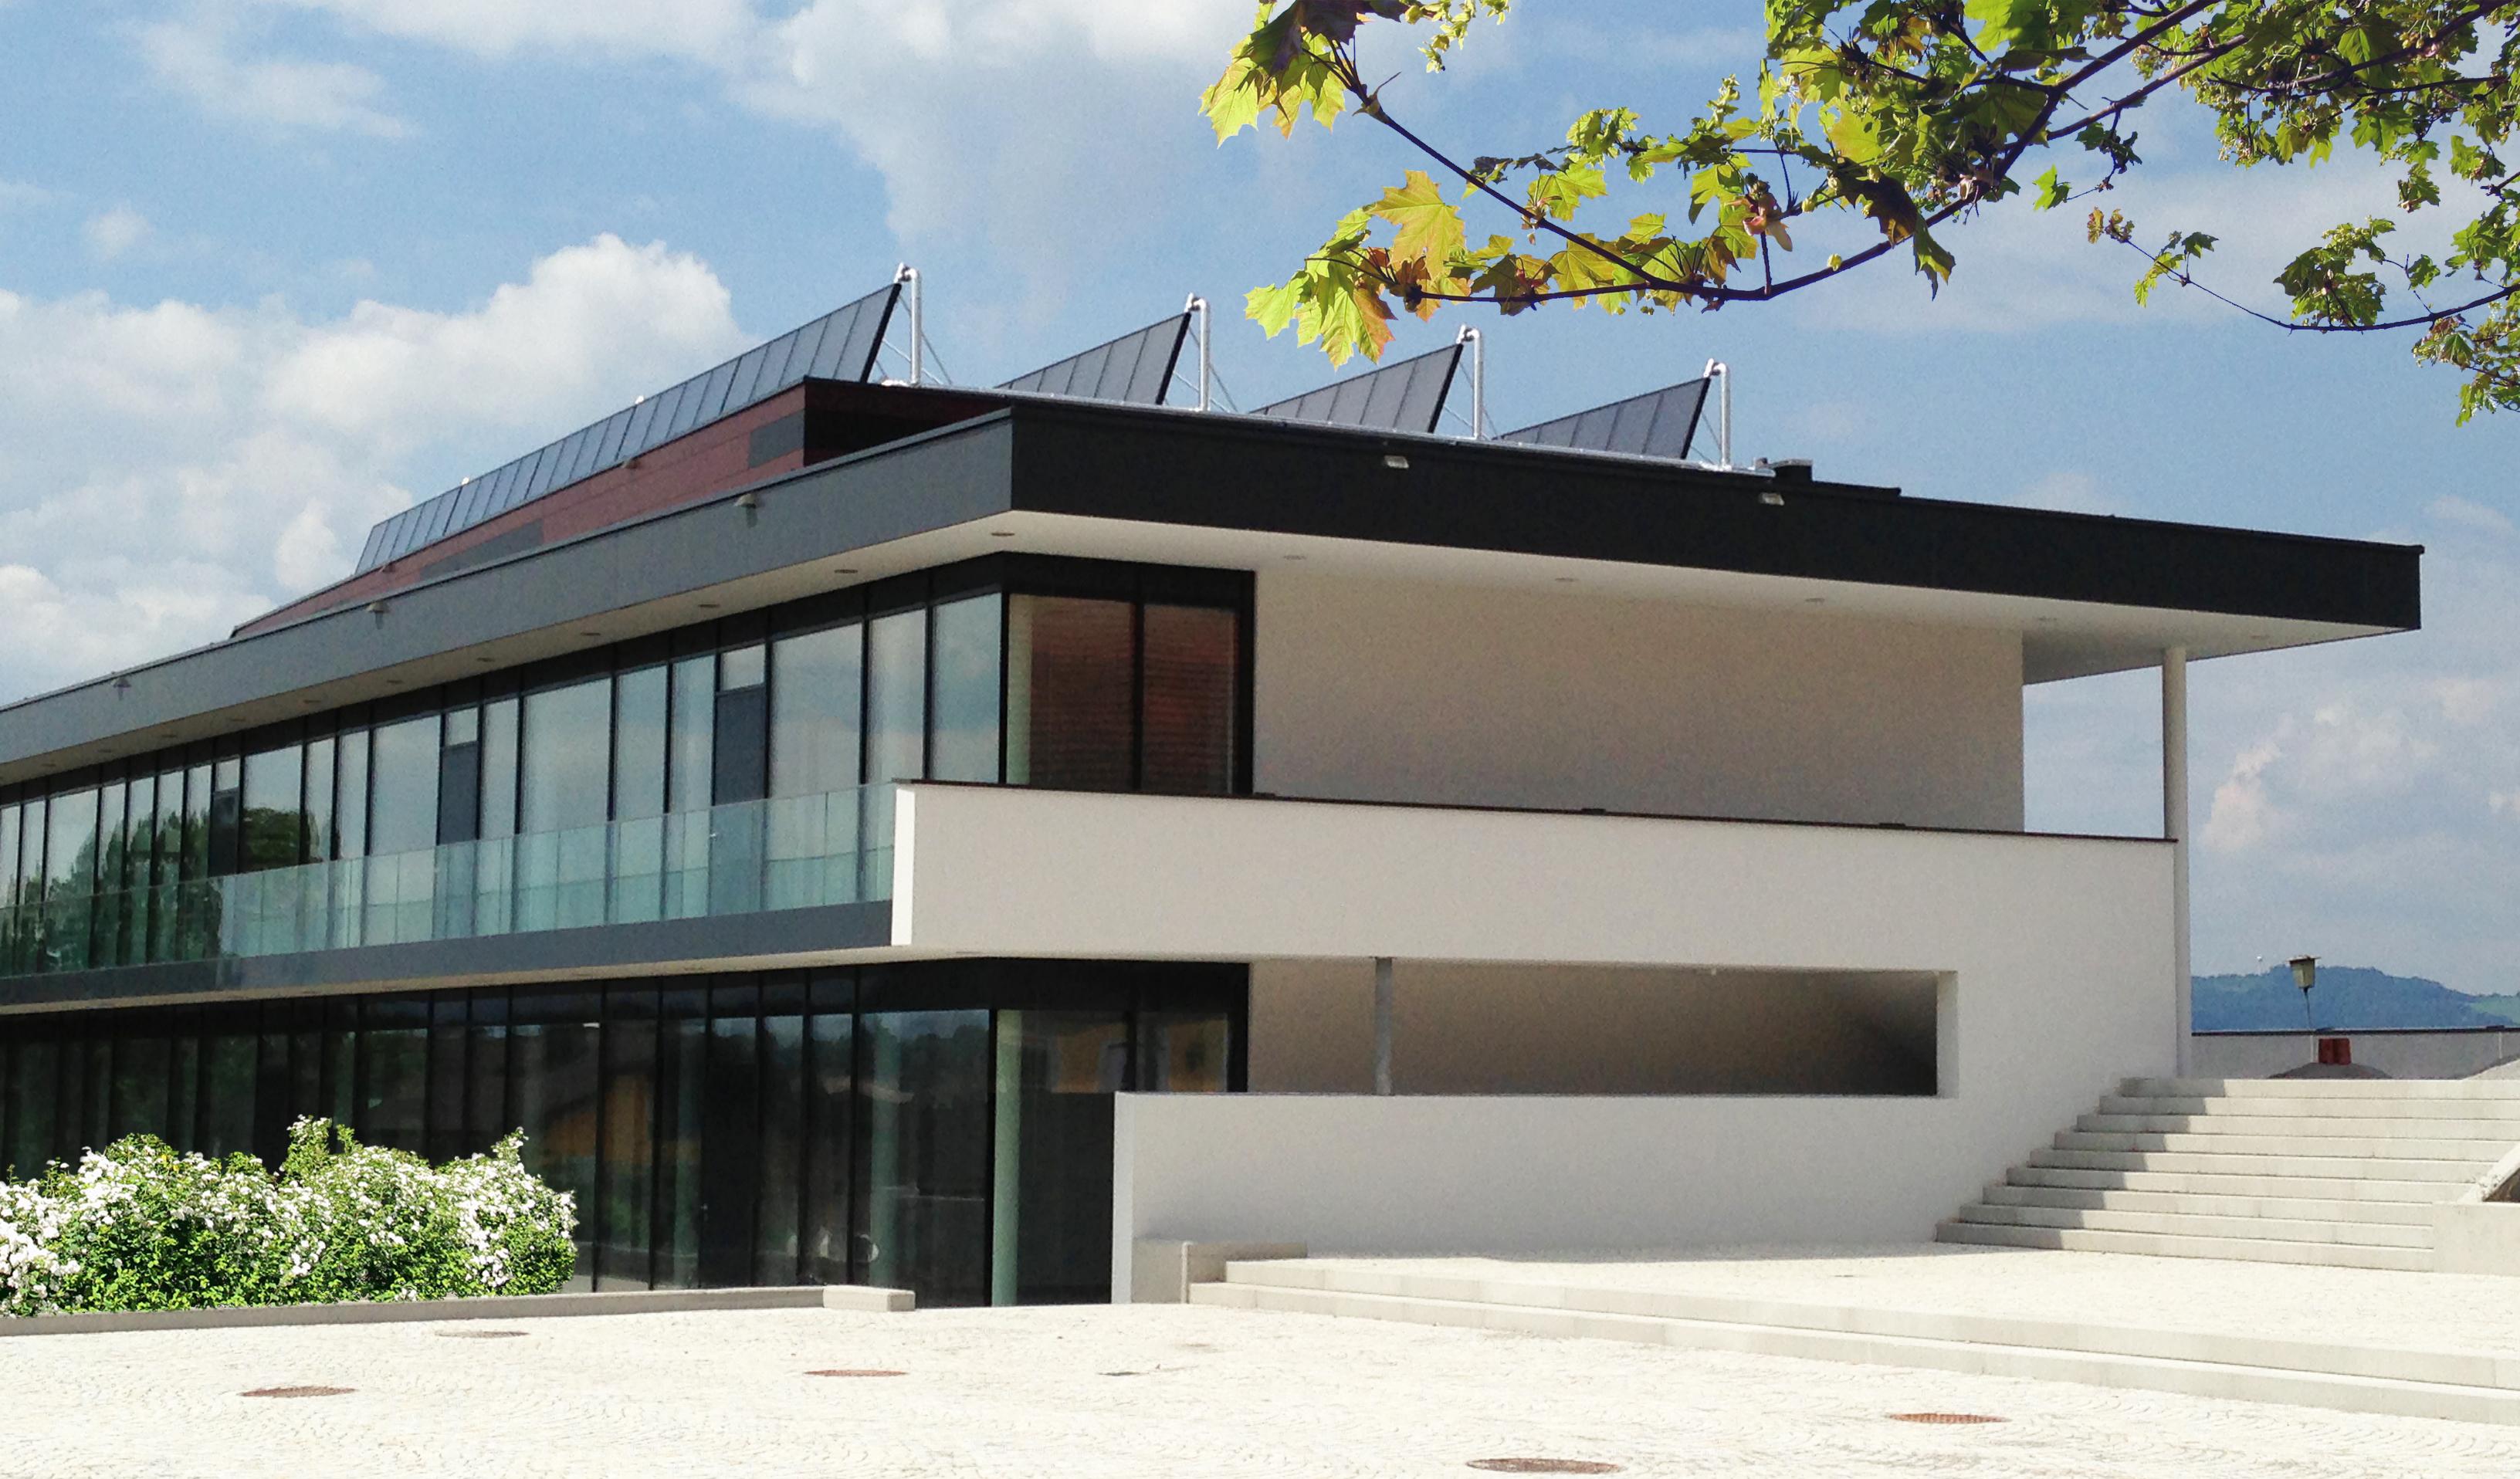 Kultur- und Gemeindezentrum Hallwang mit Sonnenkollektoren am Dach